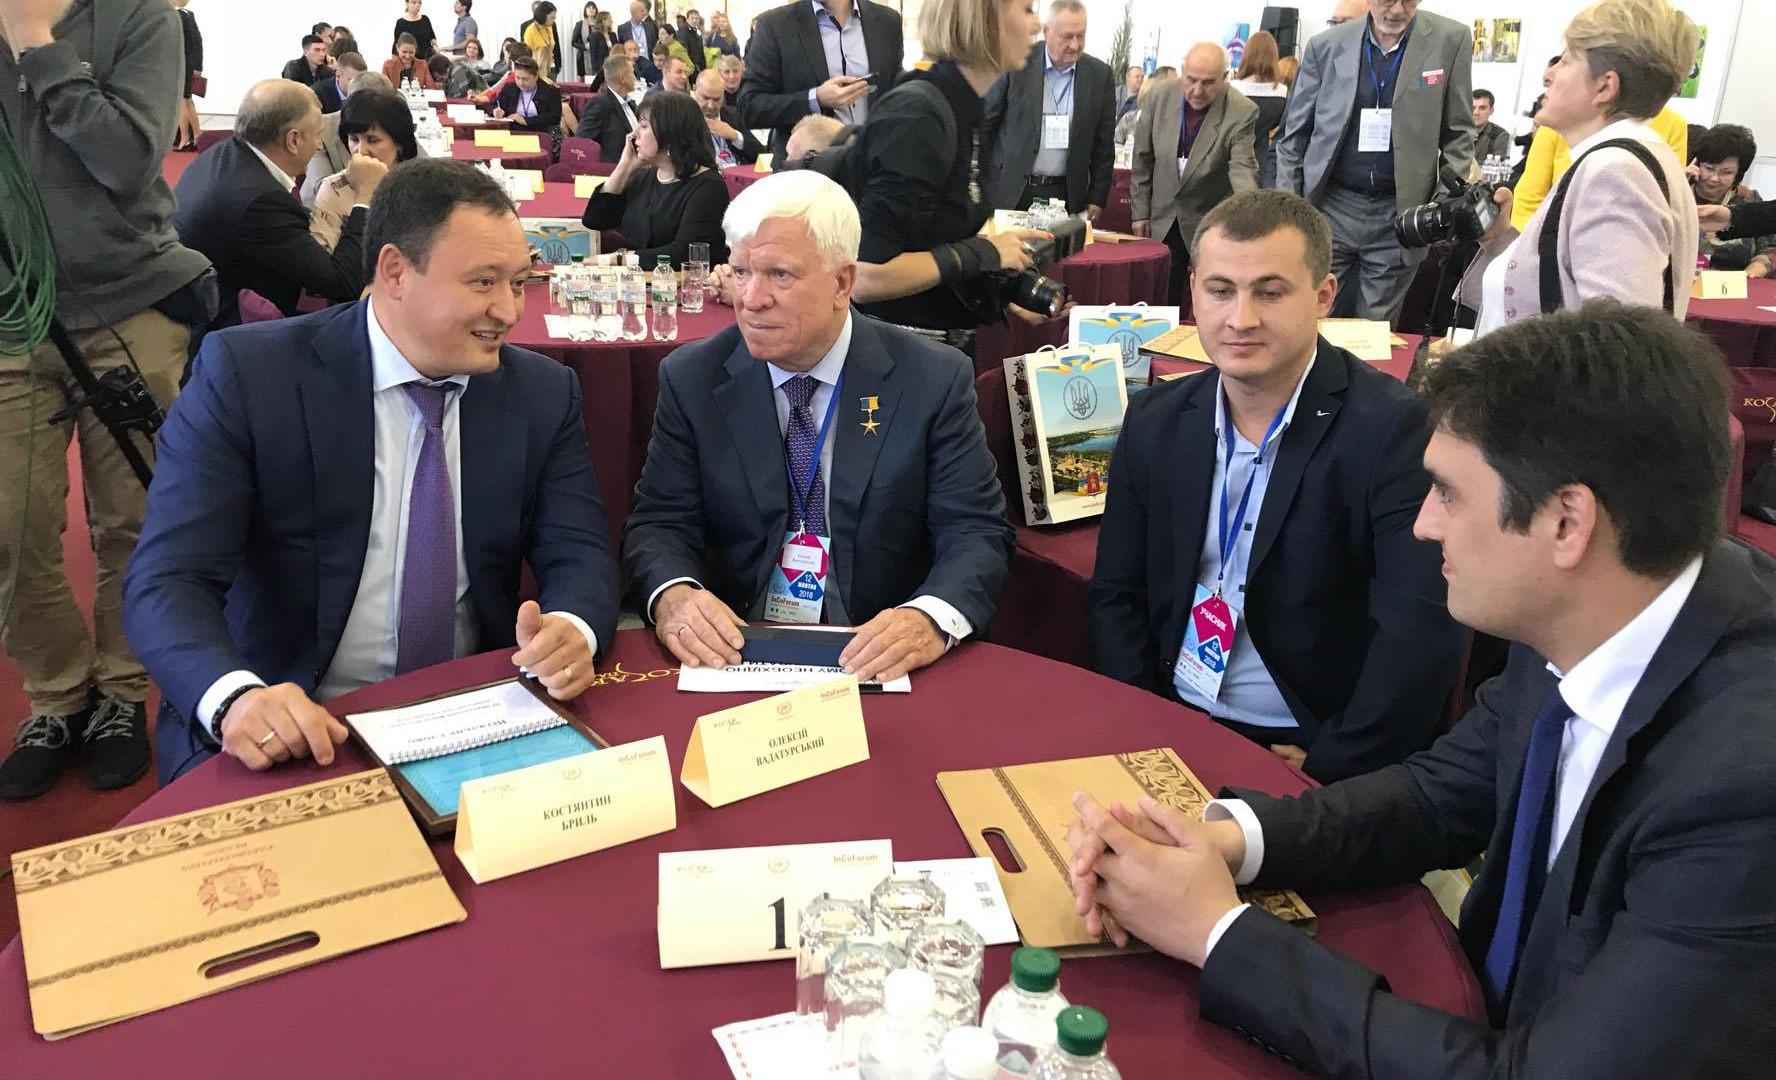 ІІІ Міжнародний форум Інтеграції та Кооперації «InCo Forum 2018»